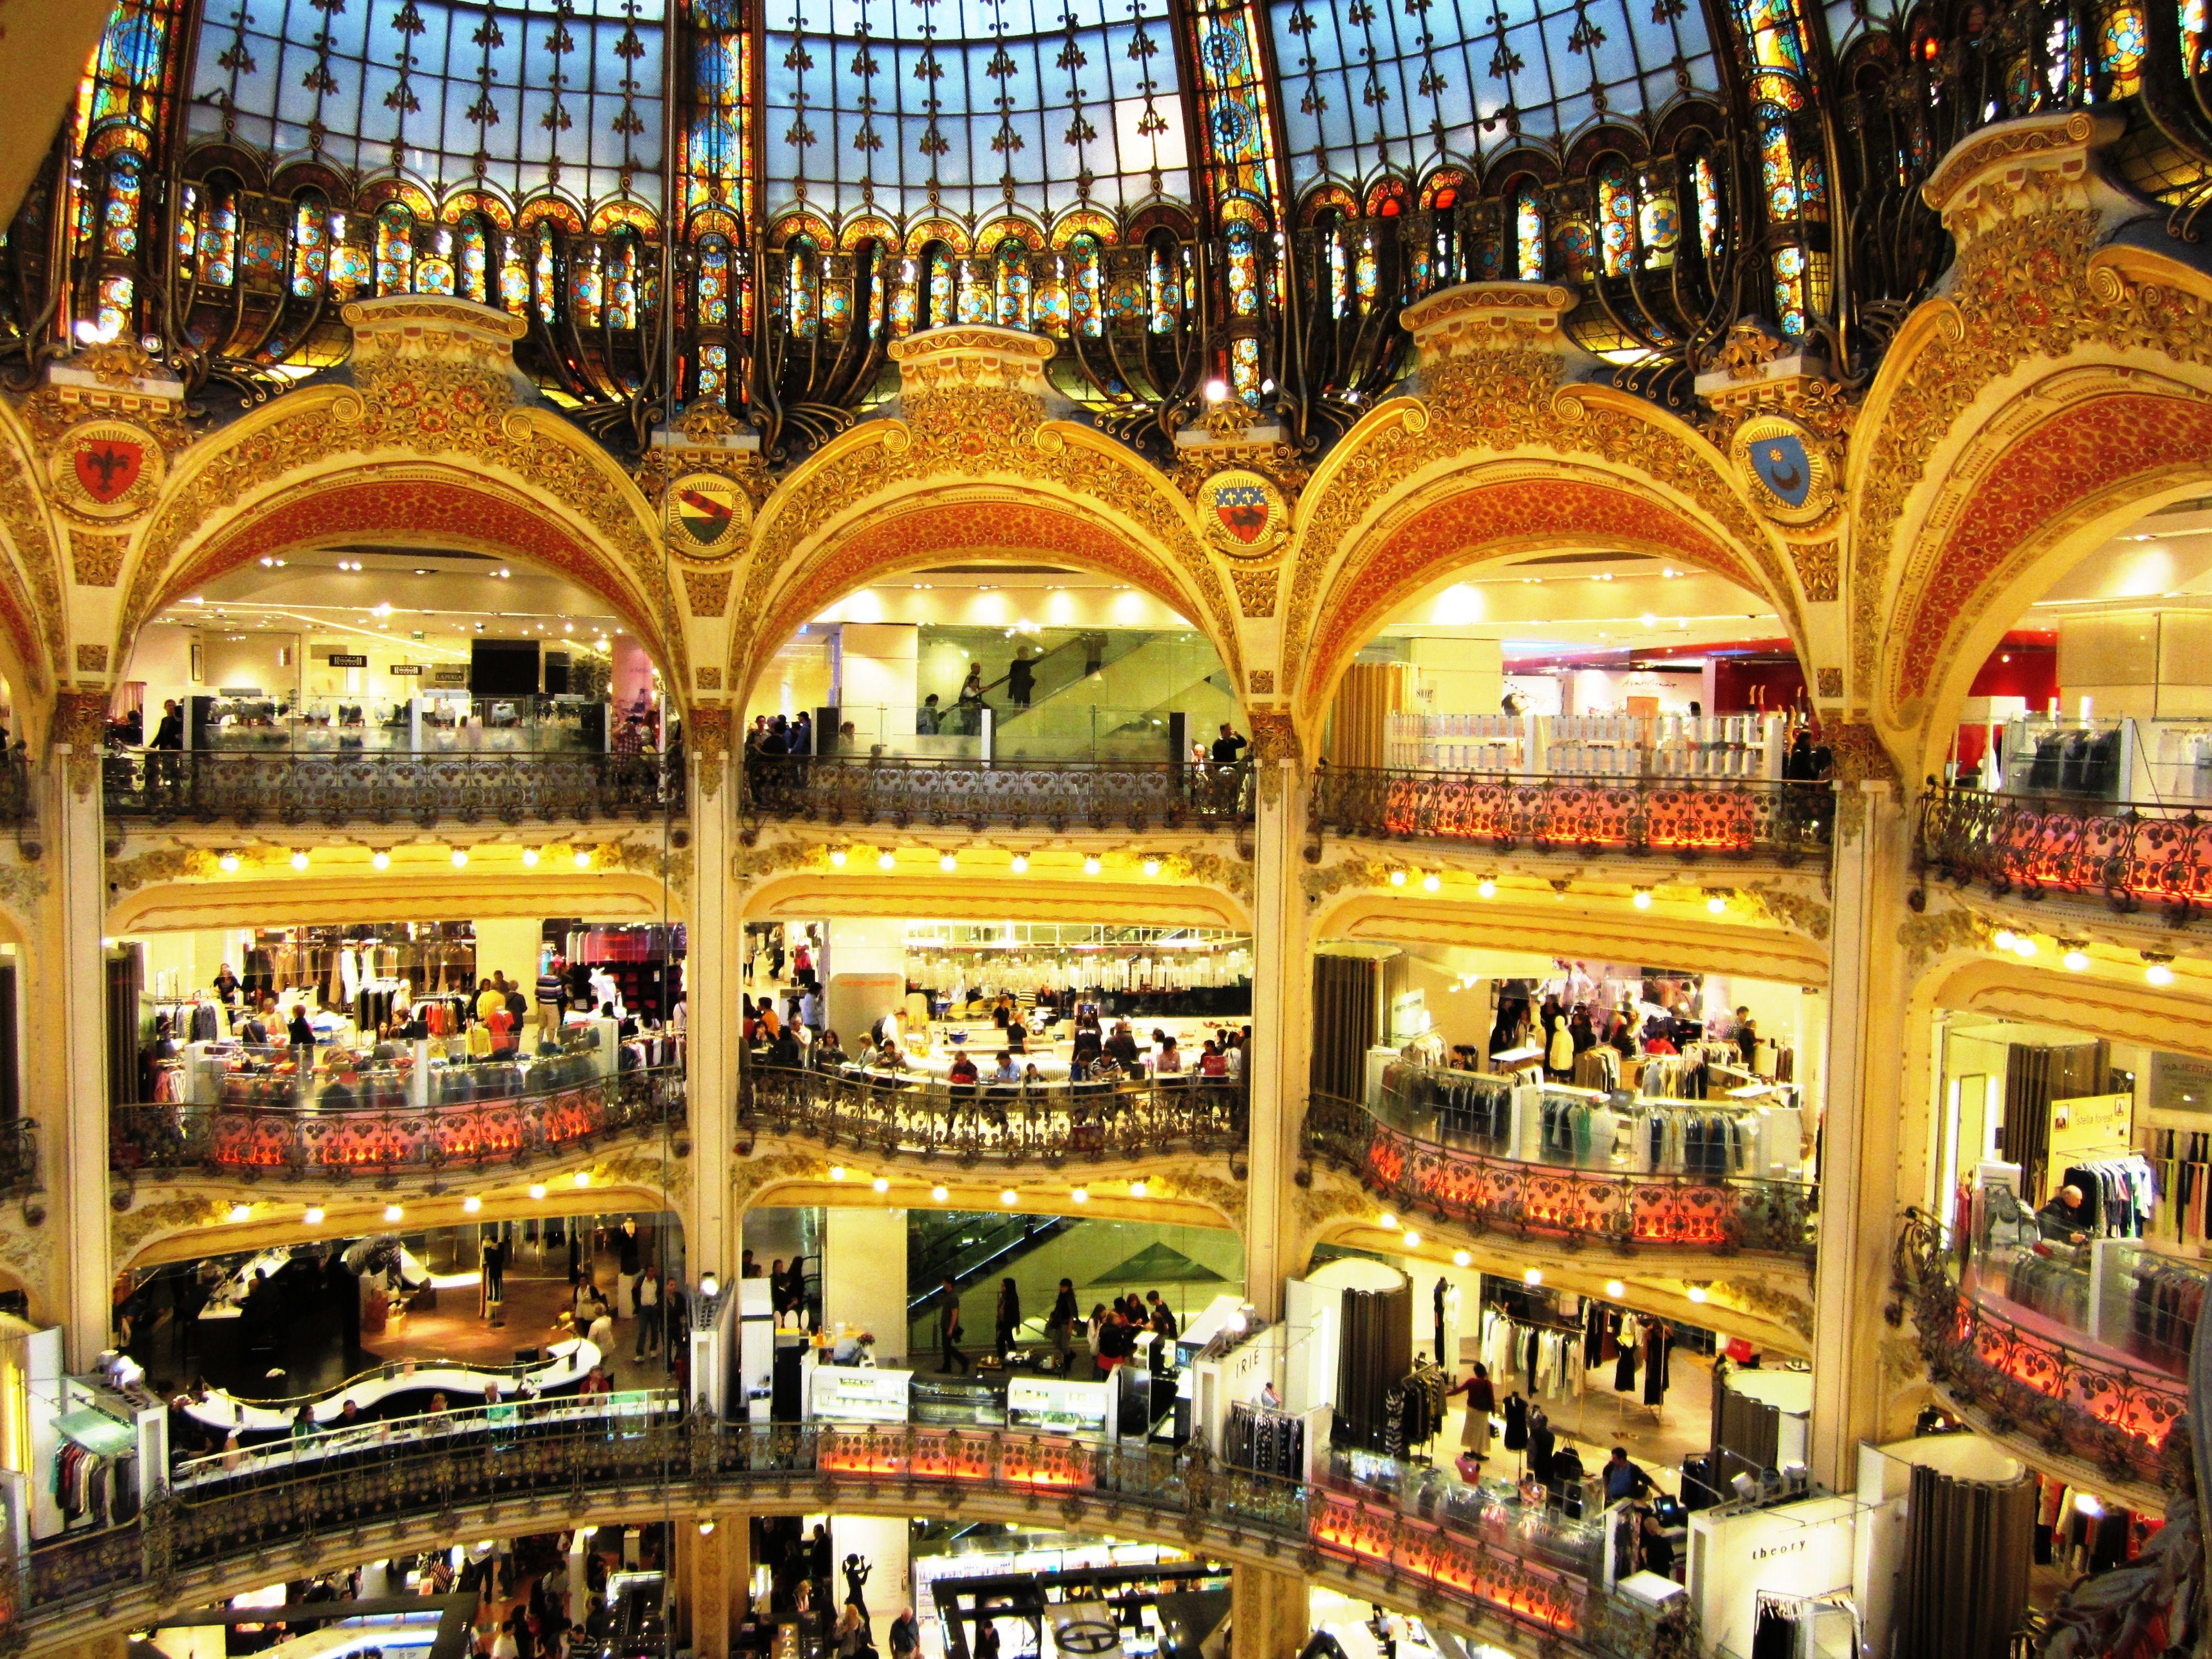 Galeries de Lafayette #Paris #France. Photo by Carly Carson